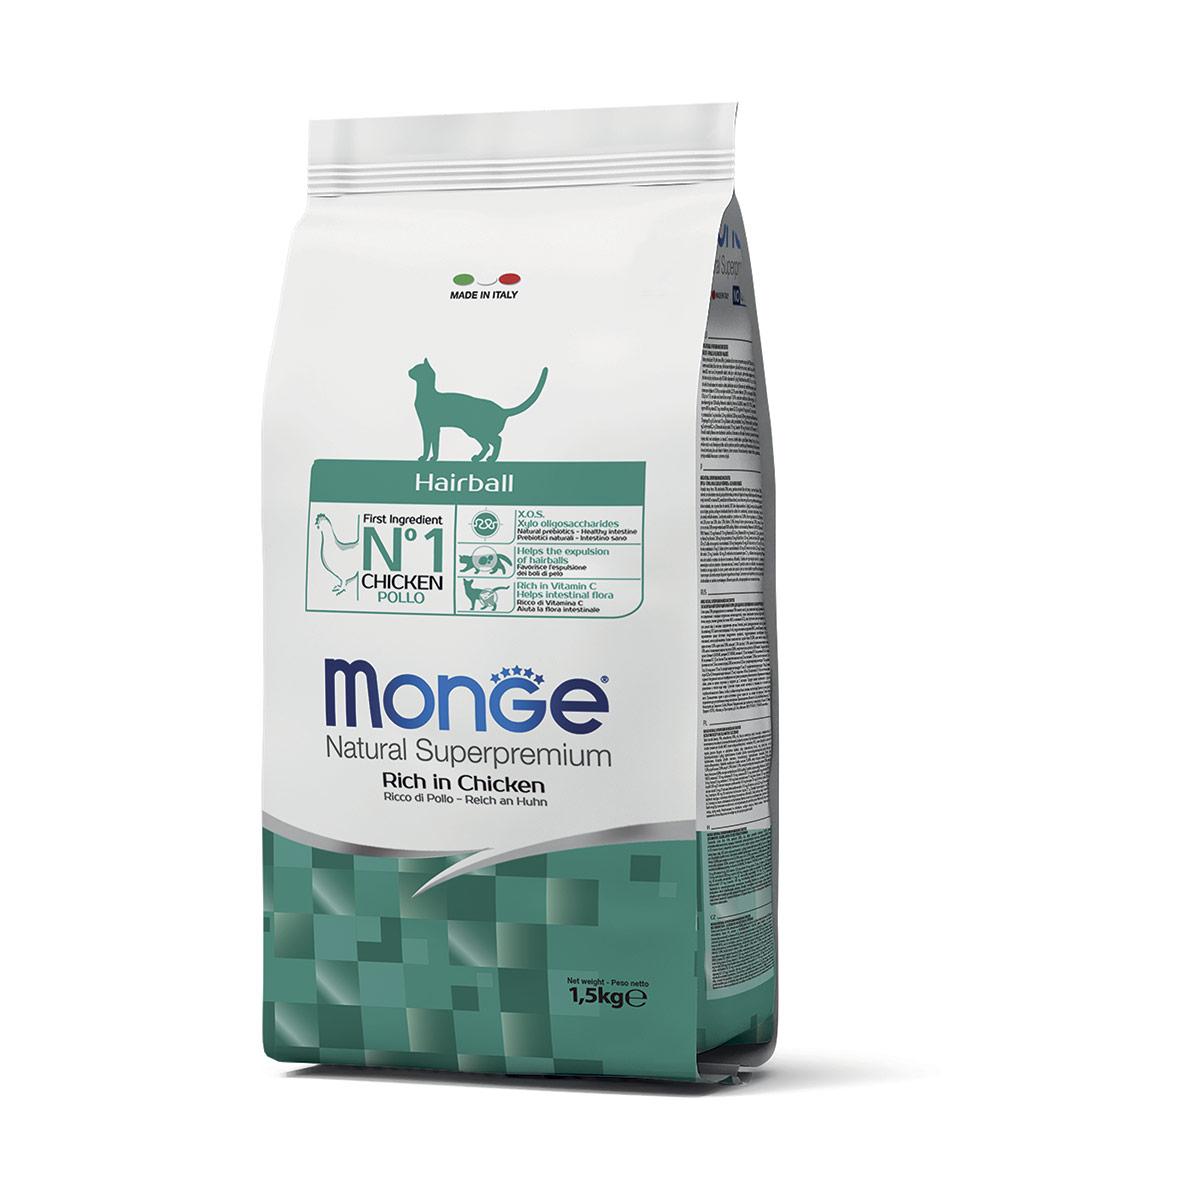 Image of Monge Superpremium Hairball: 10 kg